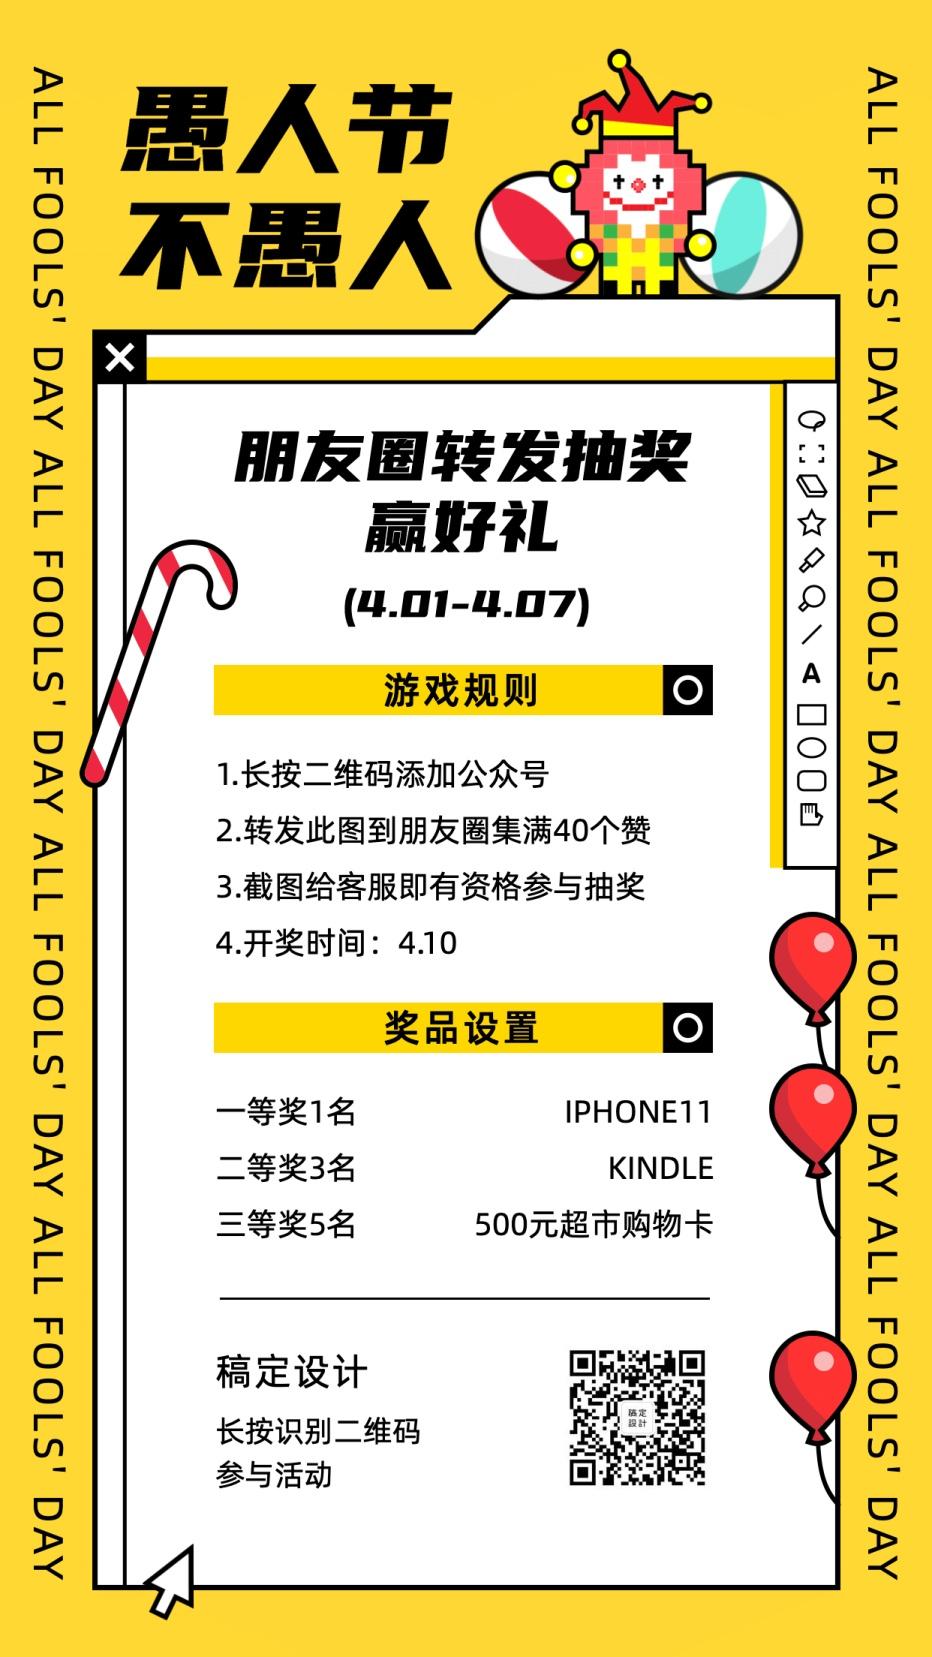 愚人节抽奖活动像素风小丑手机海报